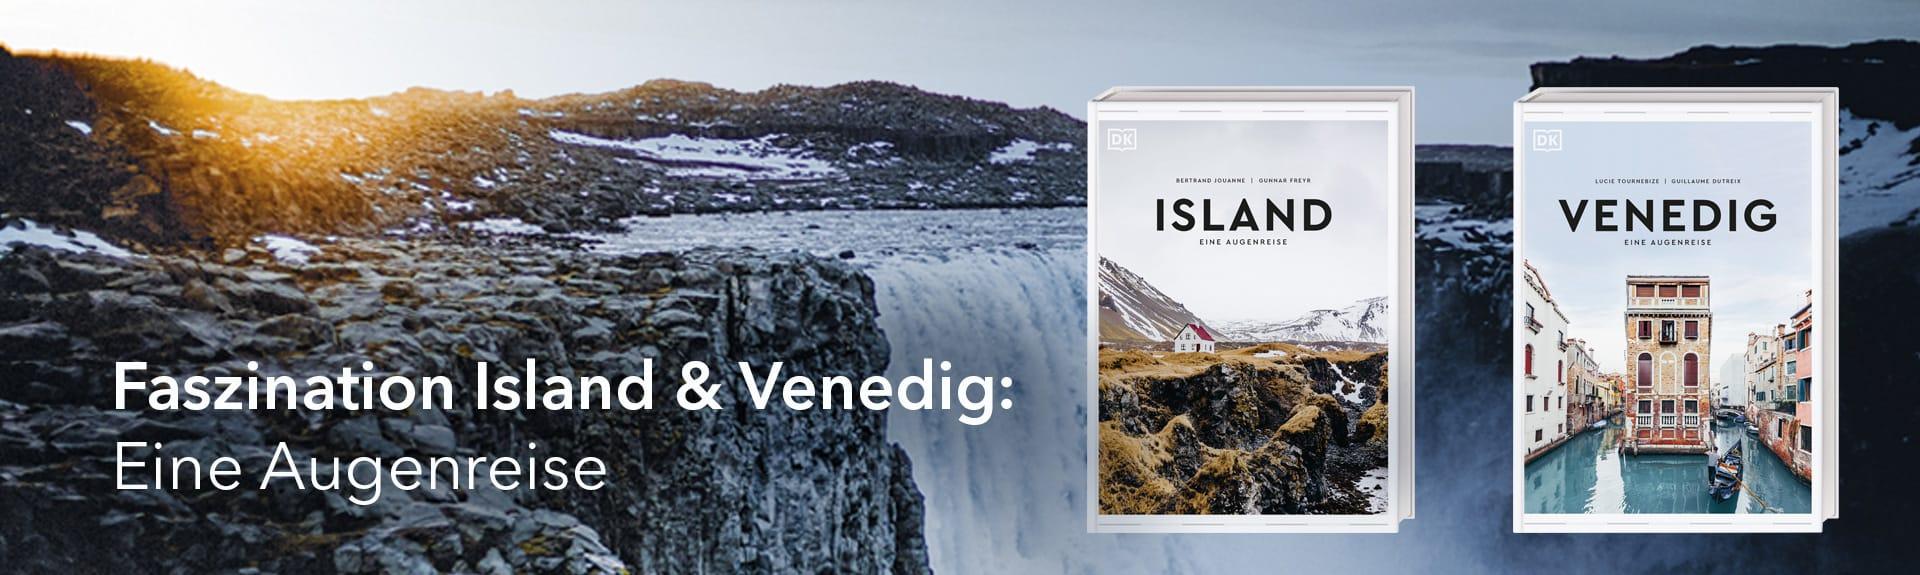 Island + Venedig. Eine Augenreise